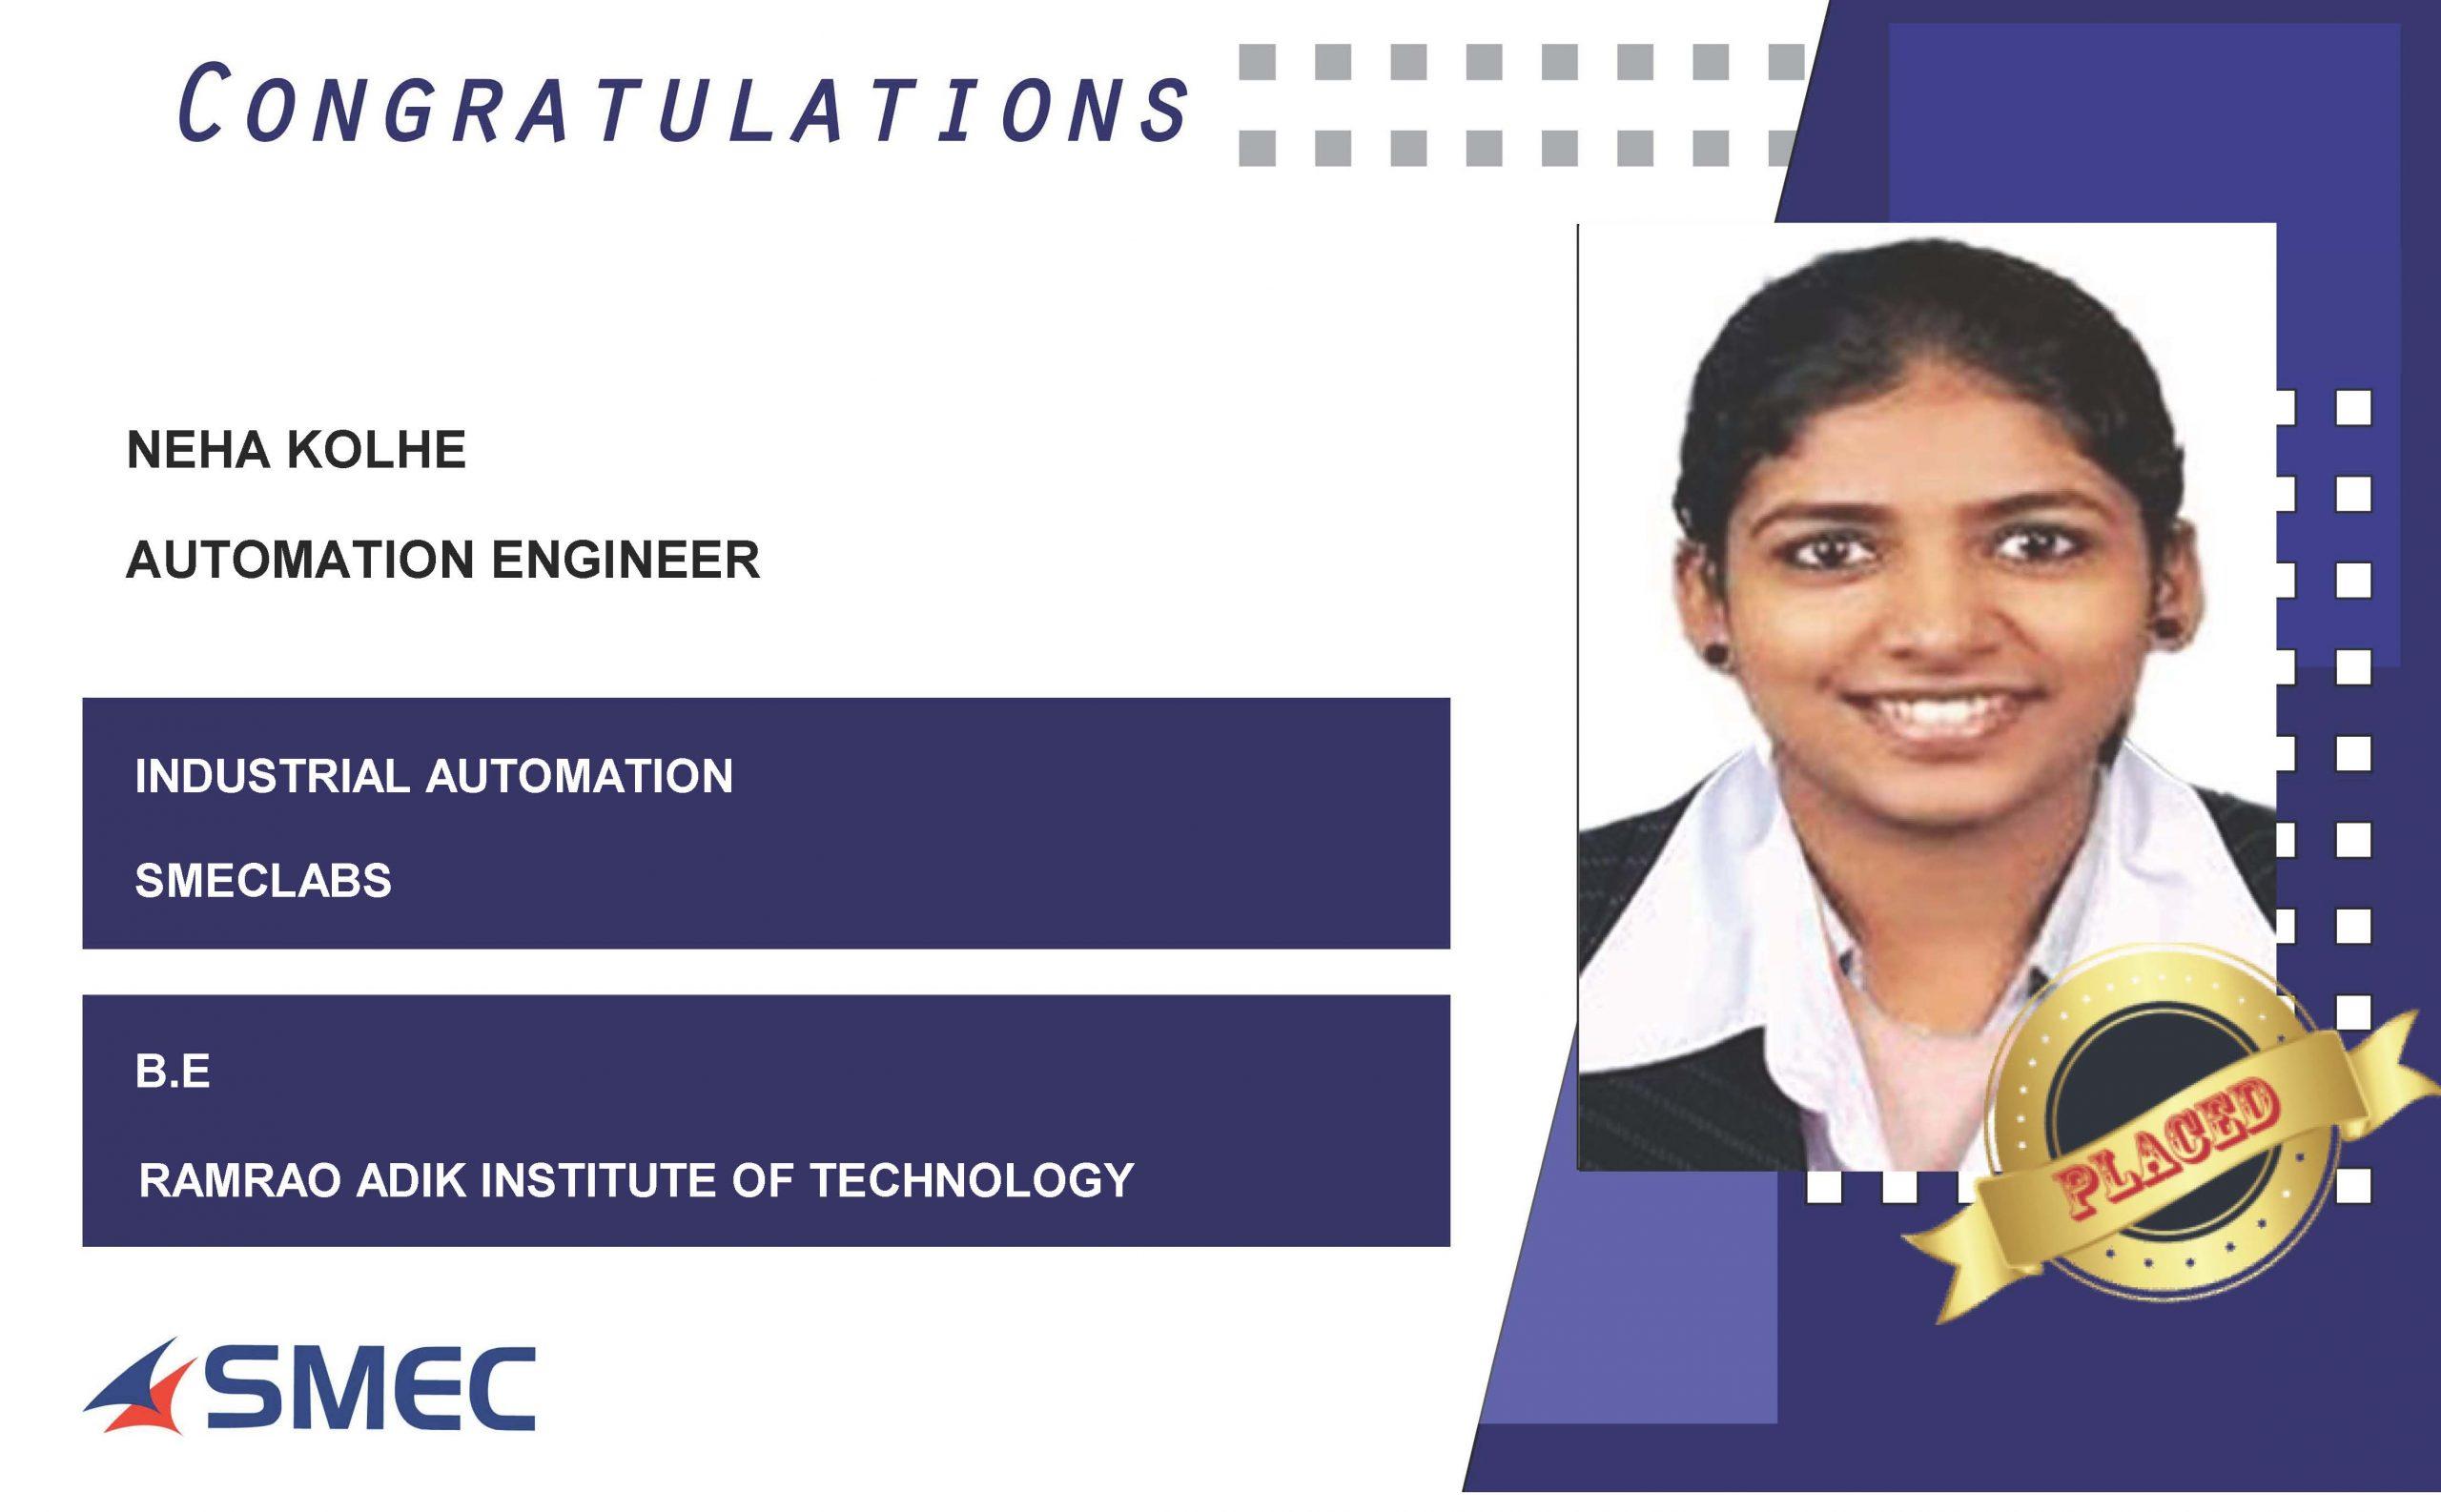 automation engineer-neha kolhe